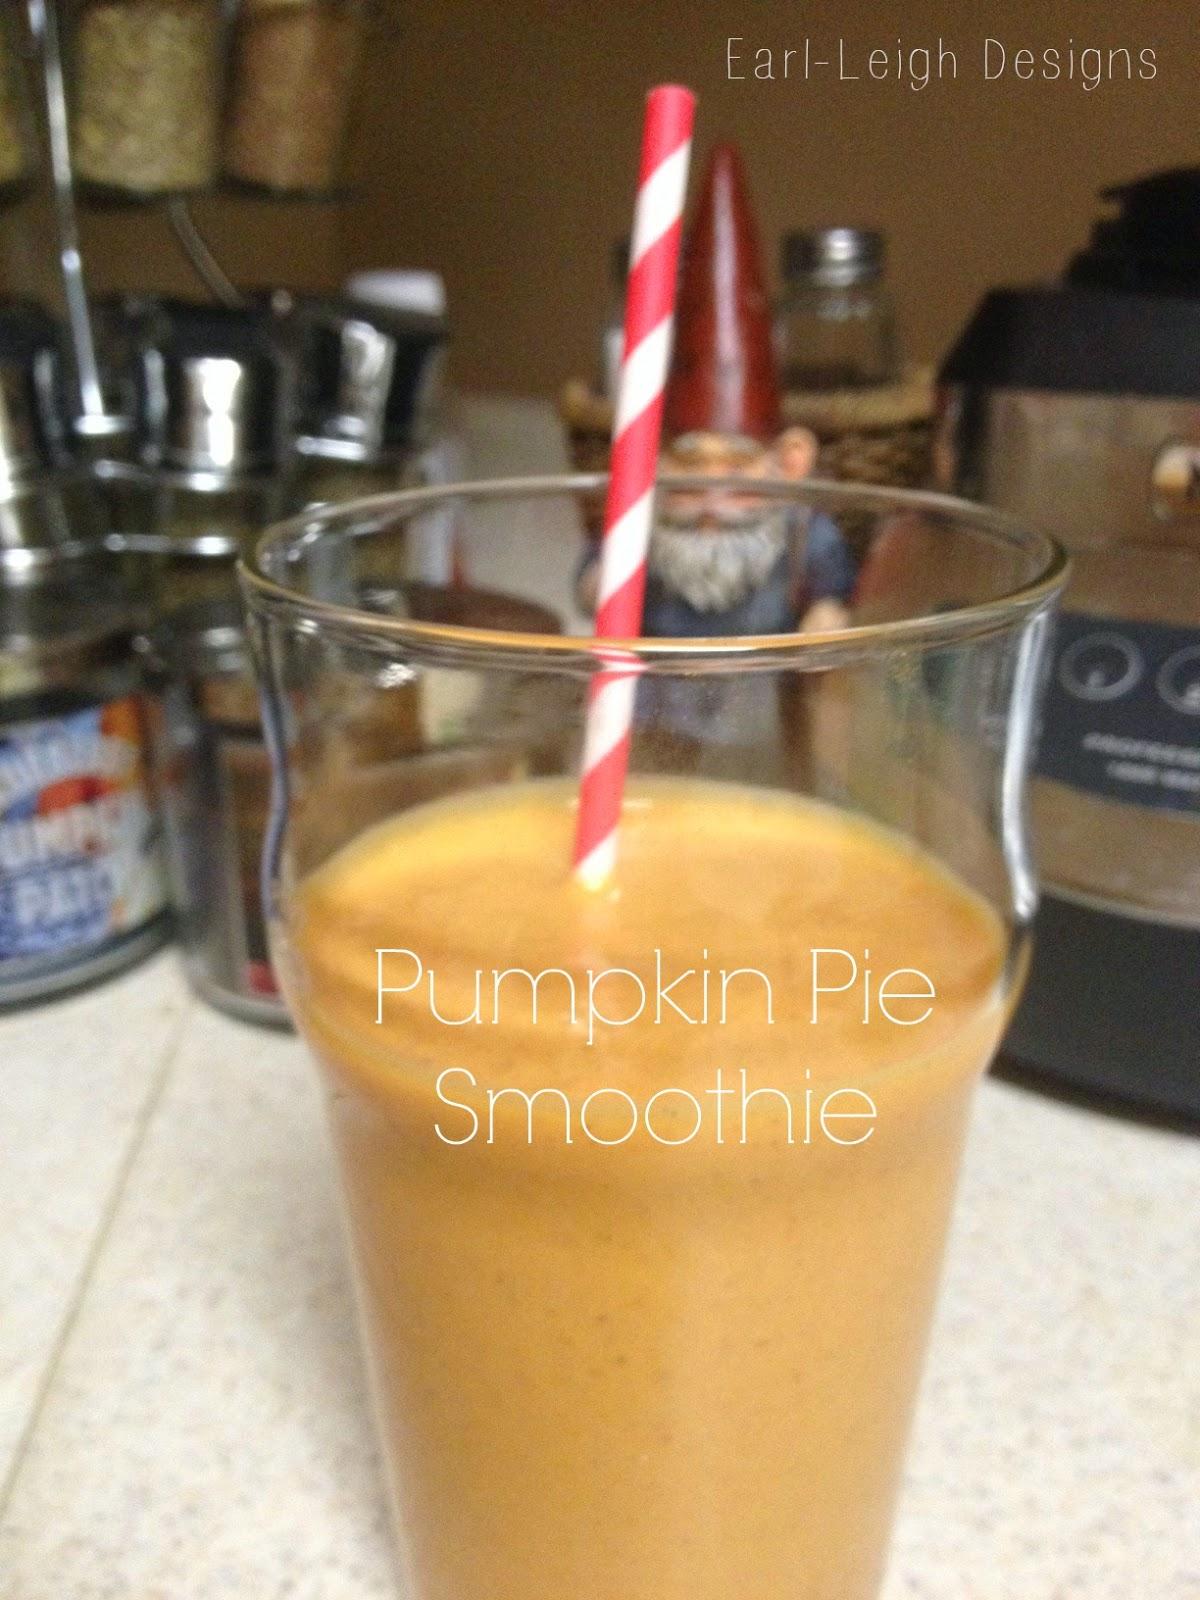 Pumpkin Pie Smoothie via Earl-Leigh Designs